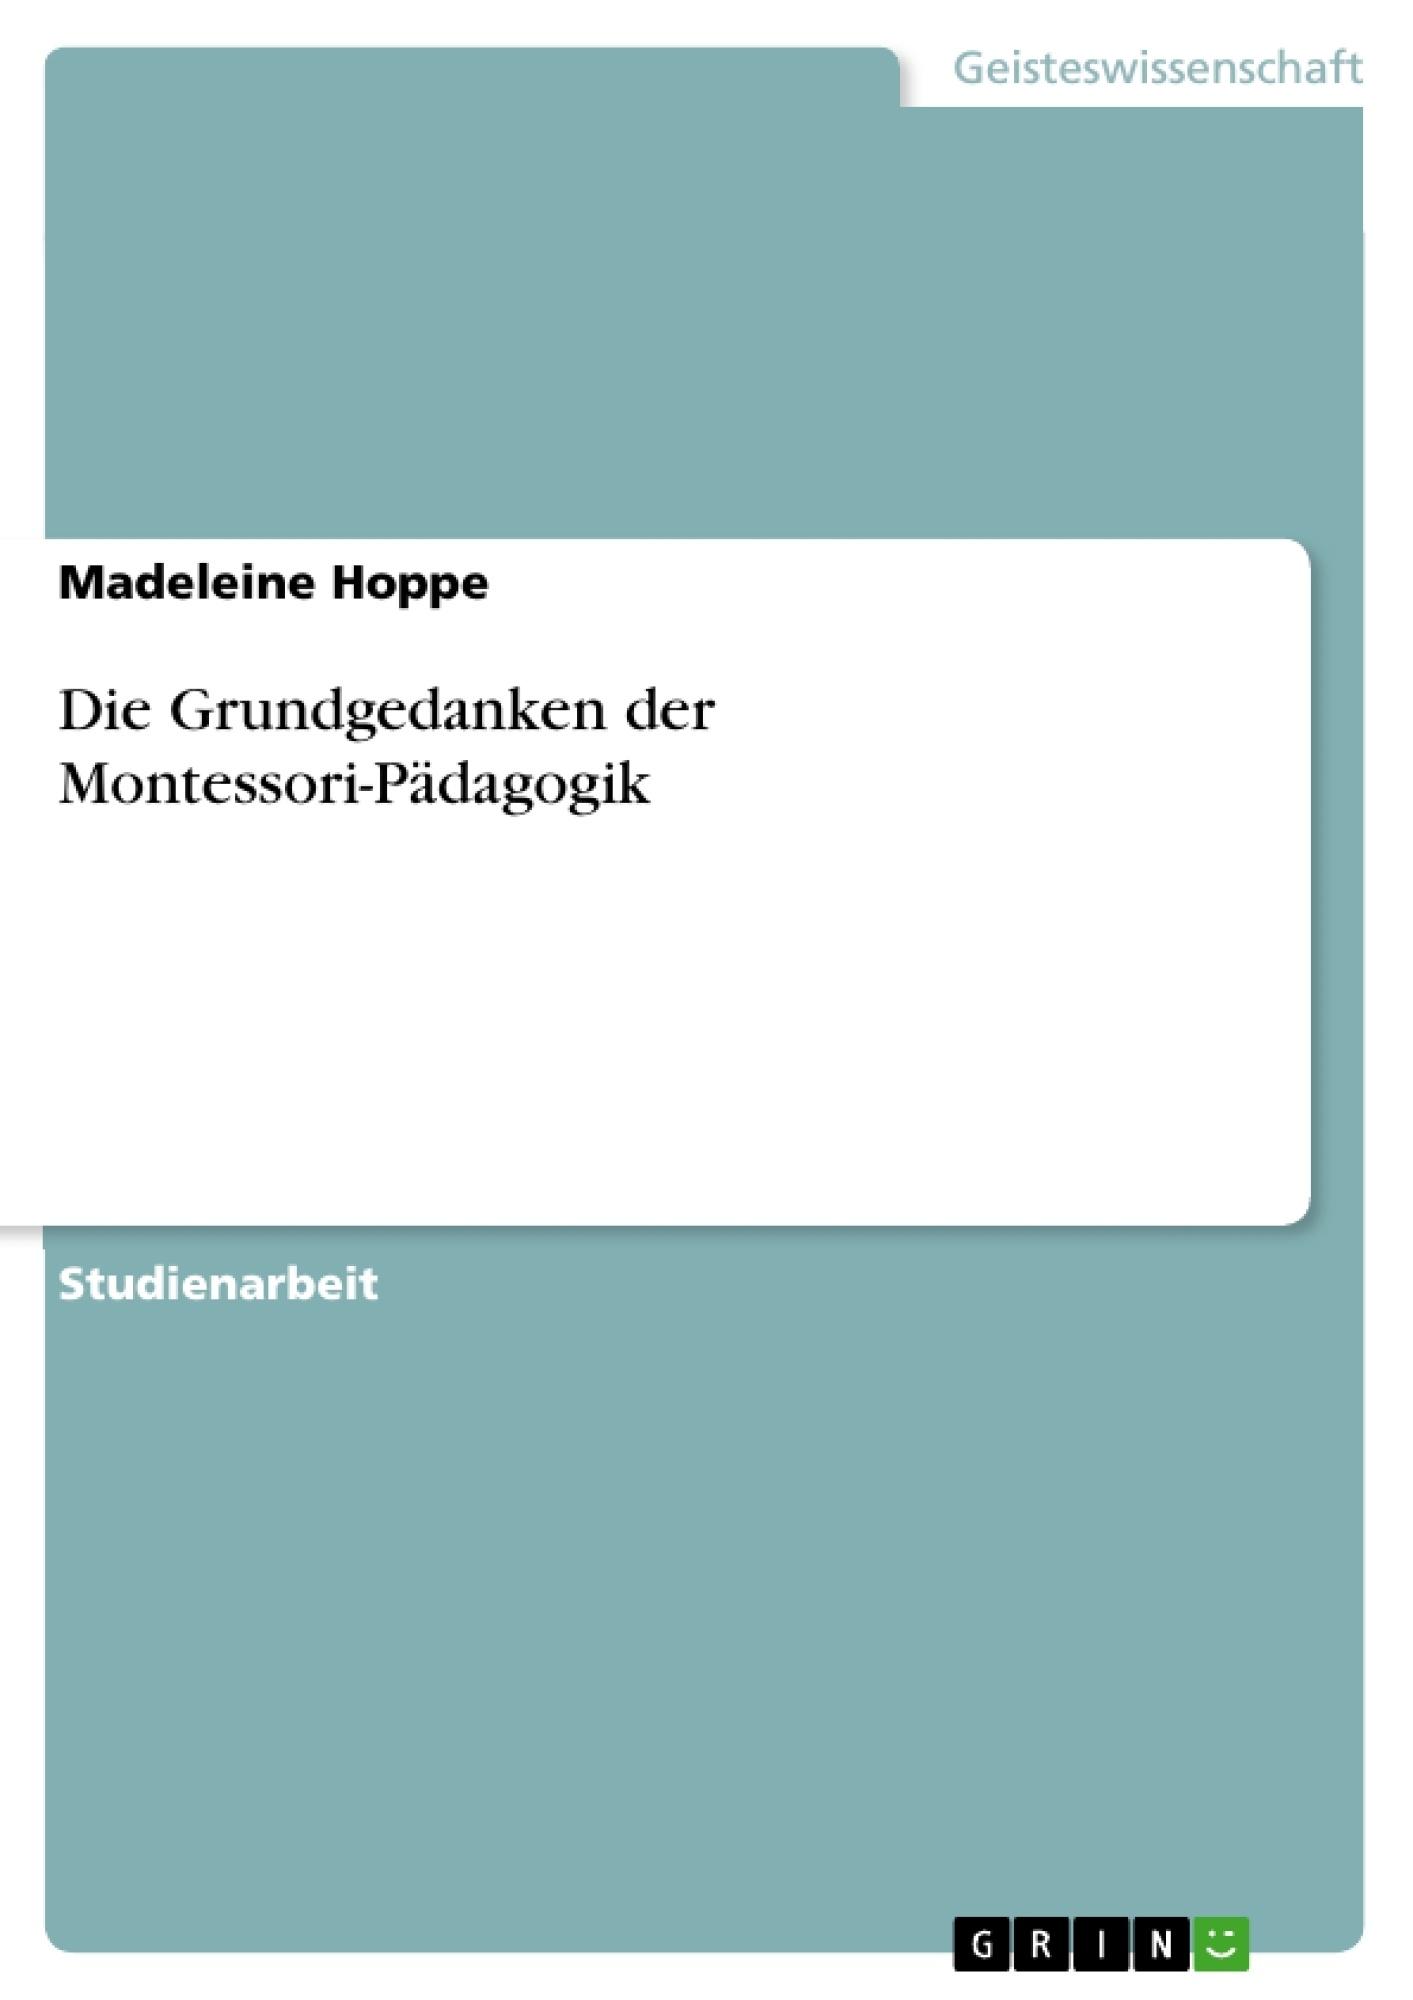 Titel: Die Grundgedanken der Montessori-Pädagogik